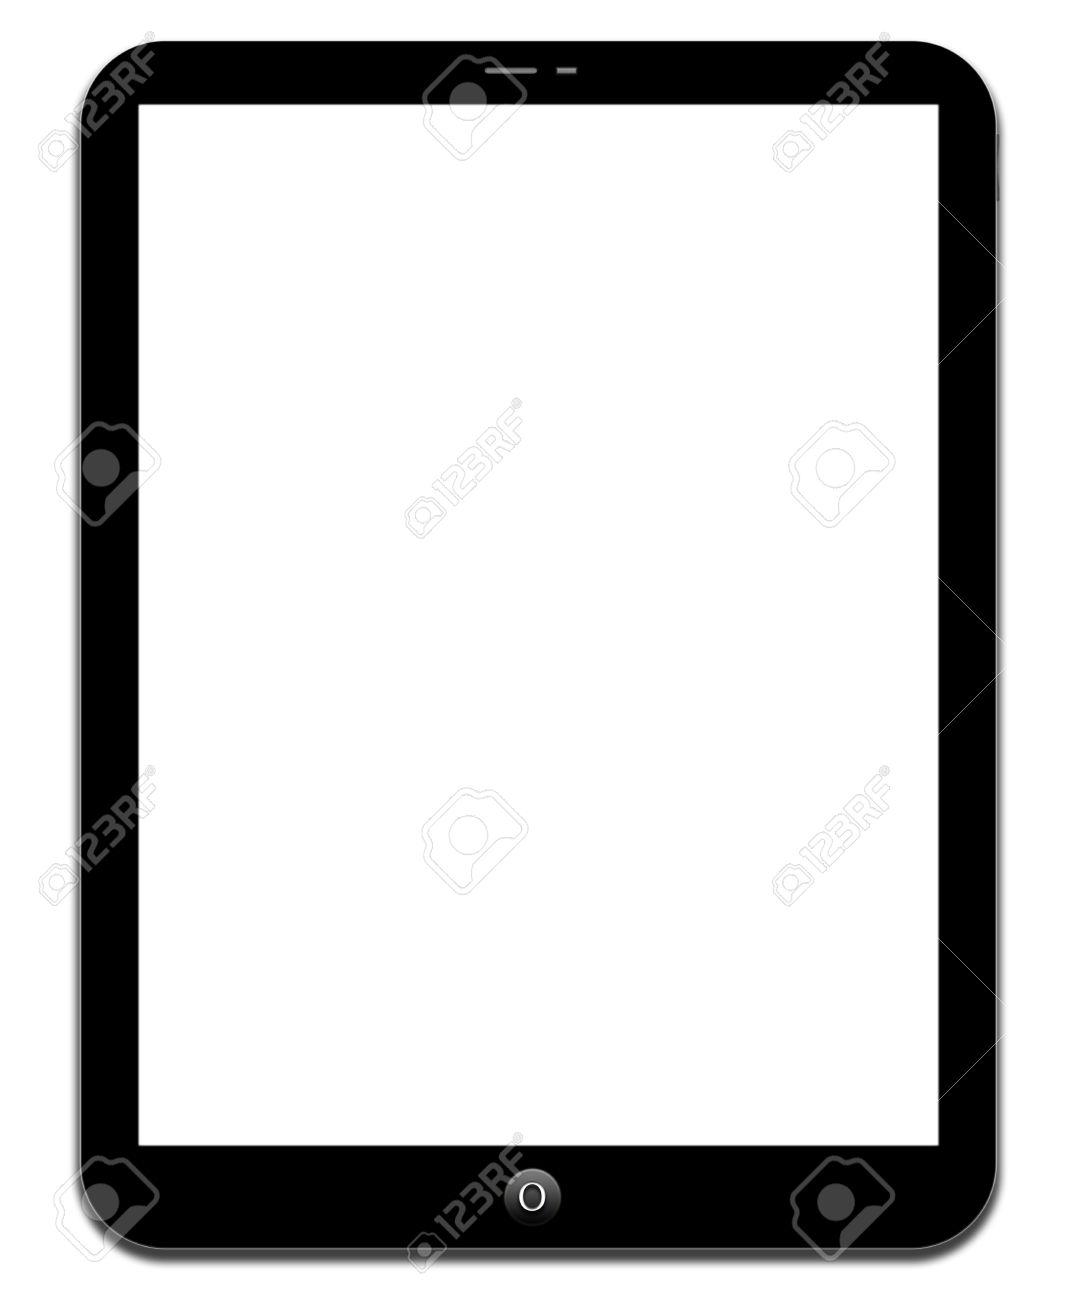 Black tablet on white background - 37269912